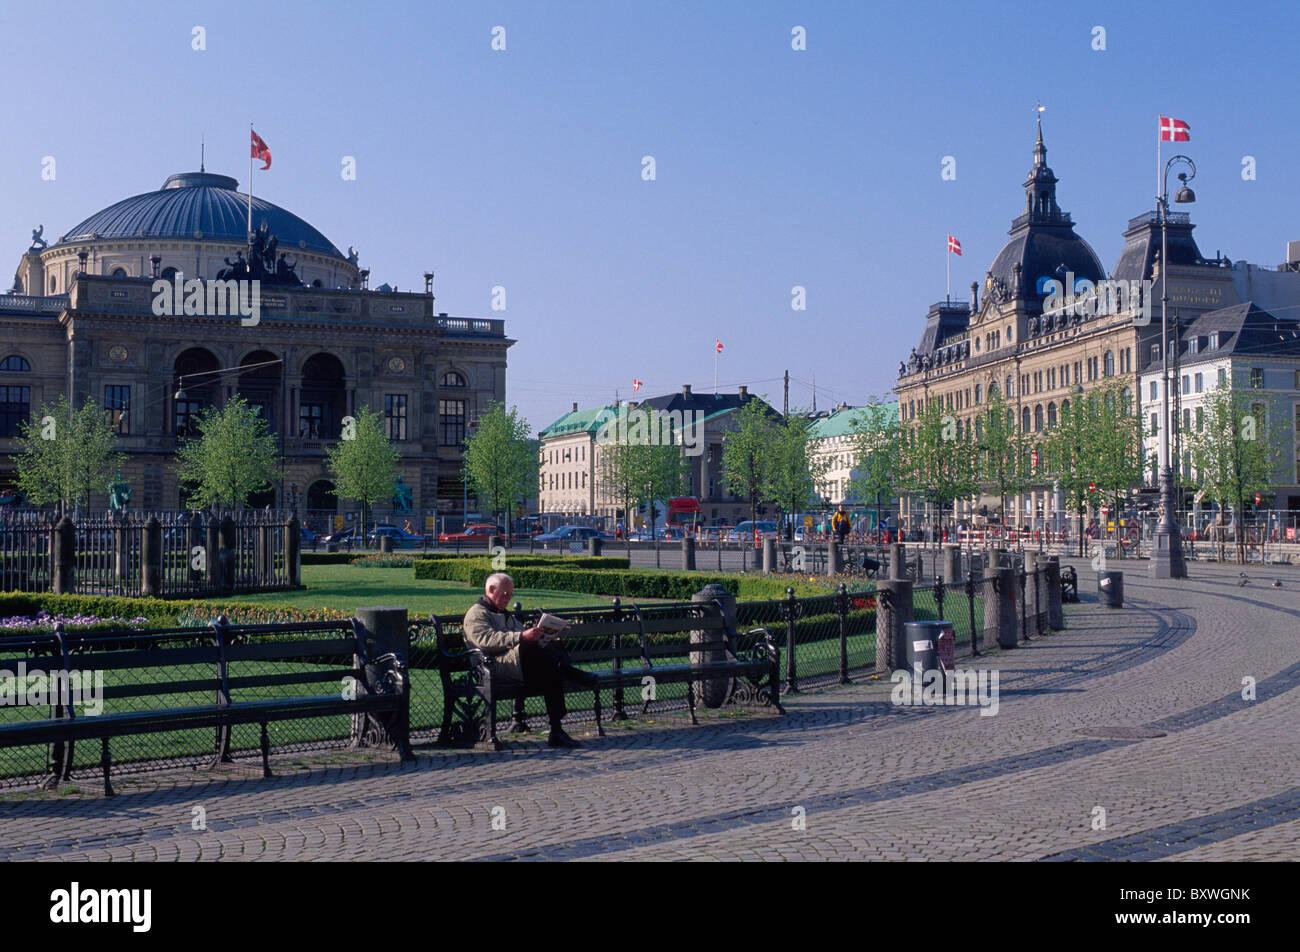 Kongens Nytorv, Copenhagen, Denmark - Stock Image